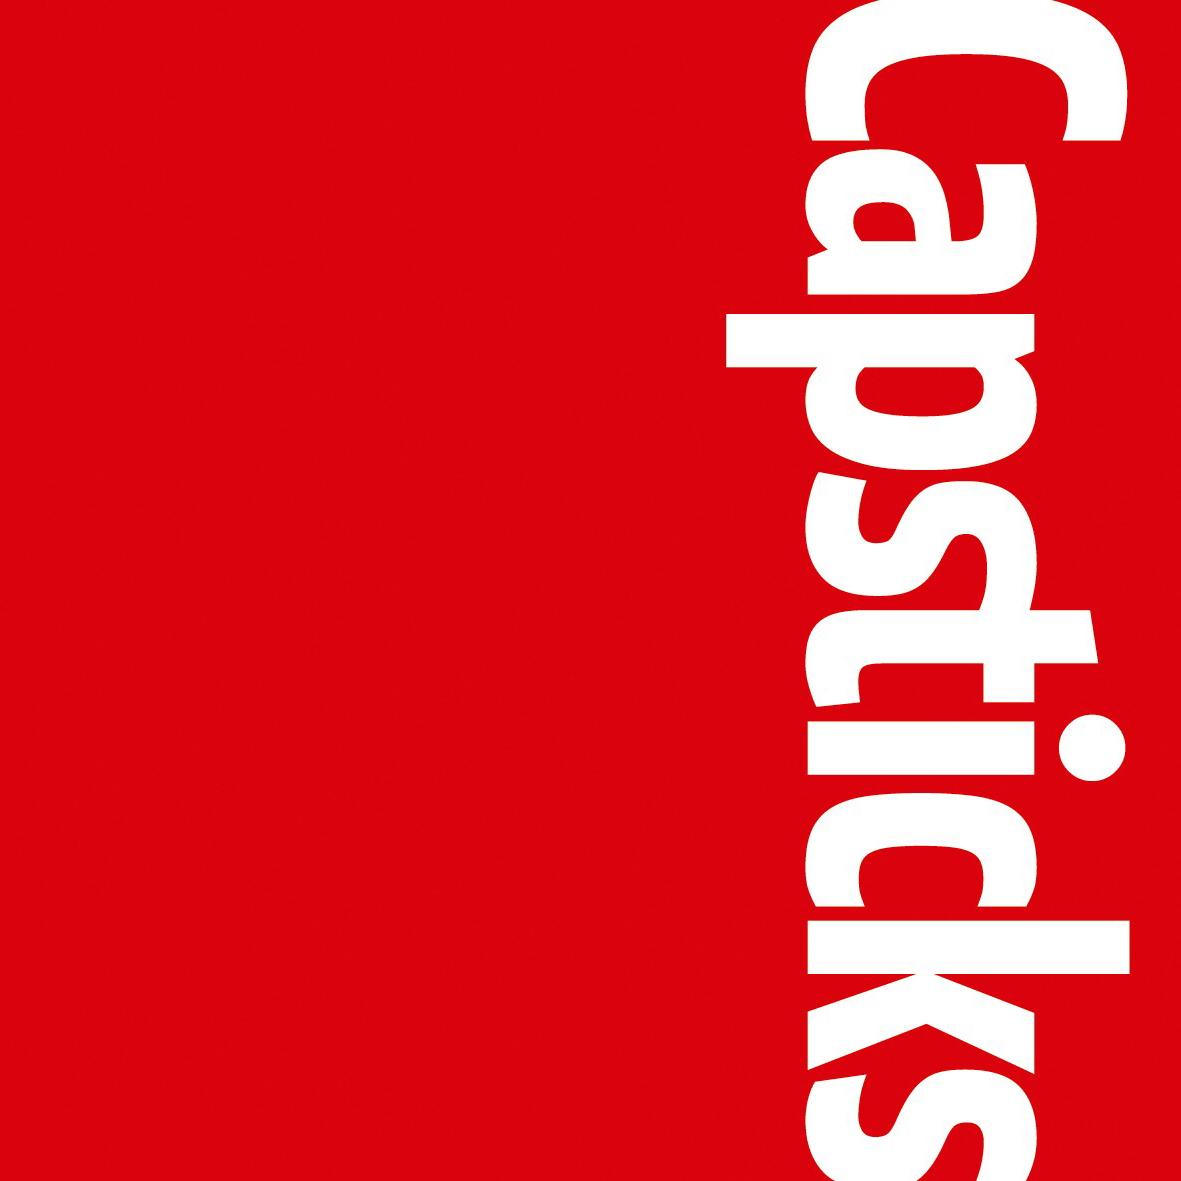 Capsticks_logo_RGB - Copy